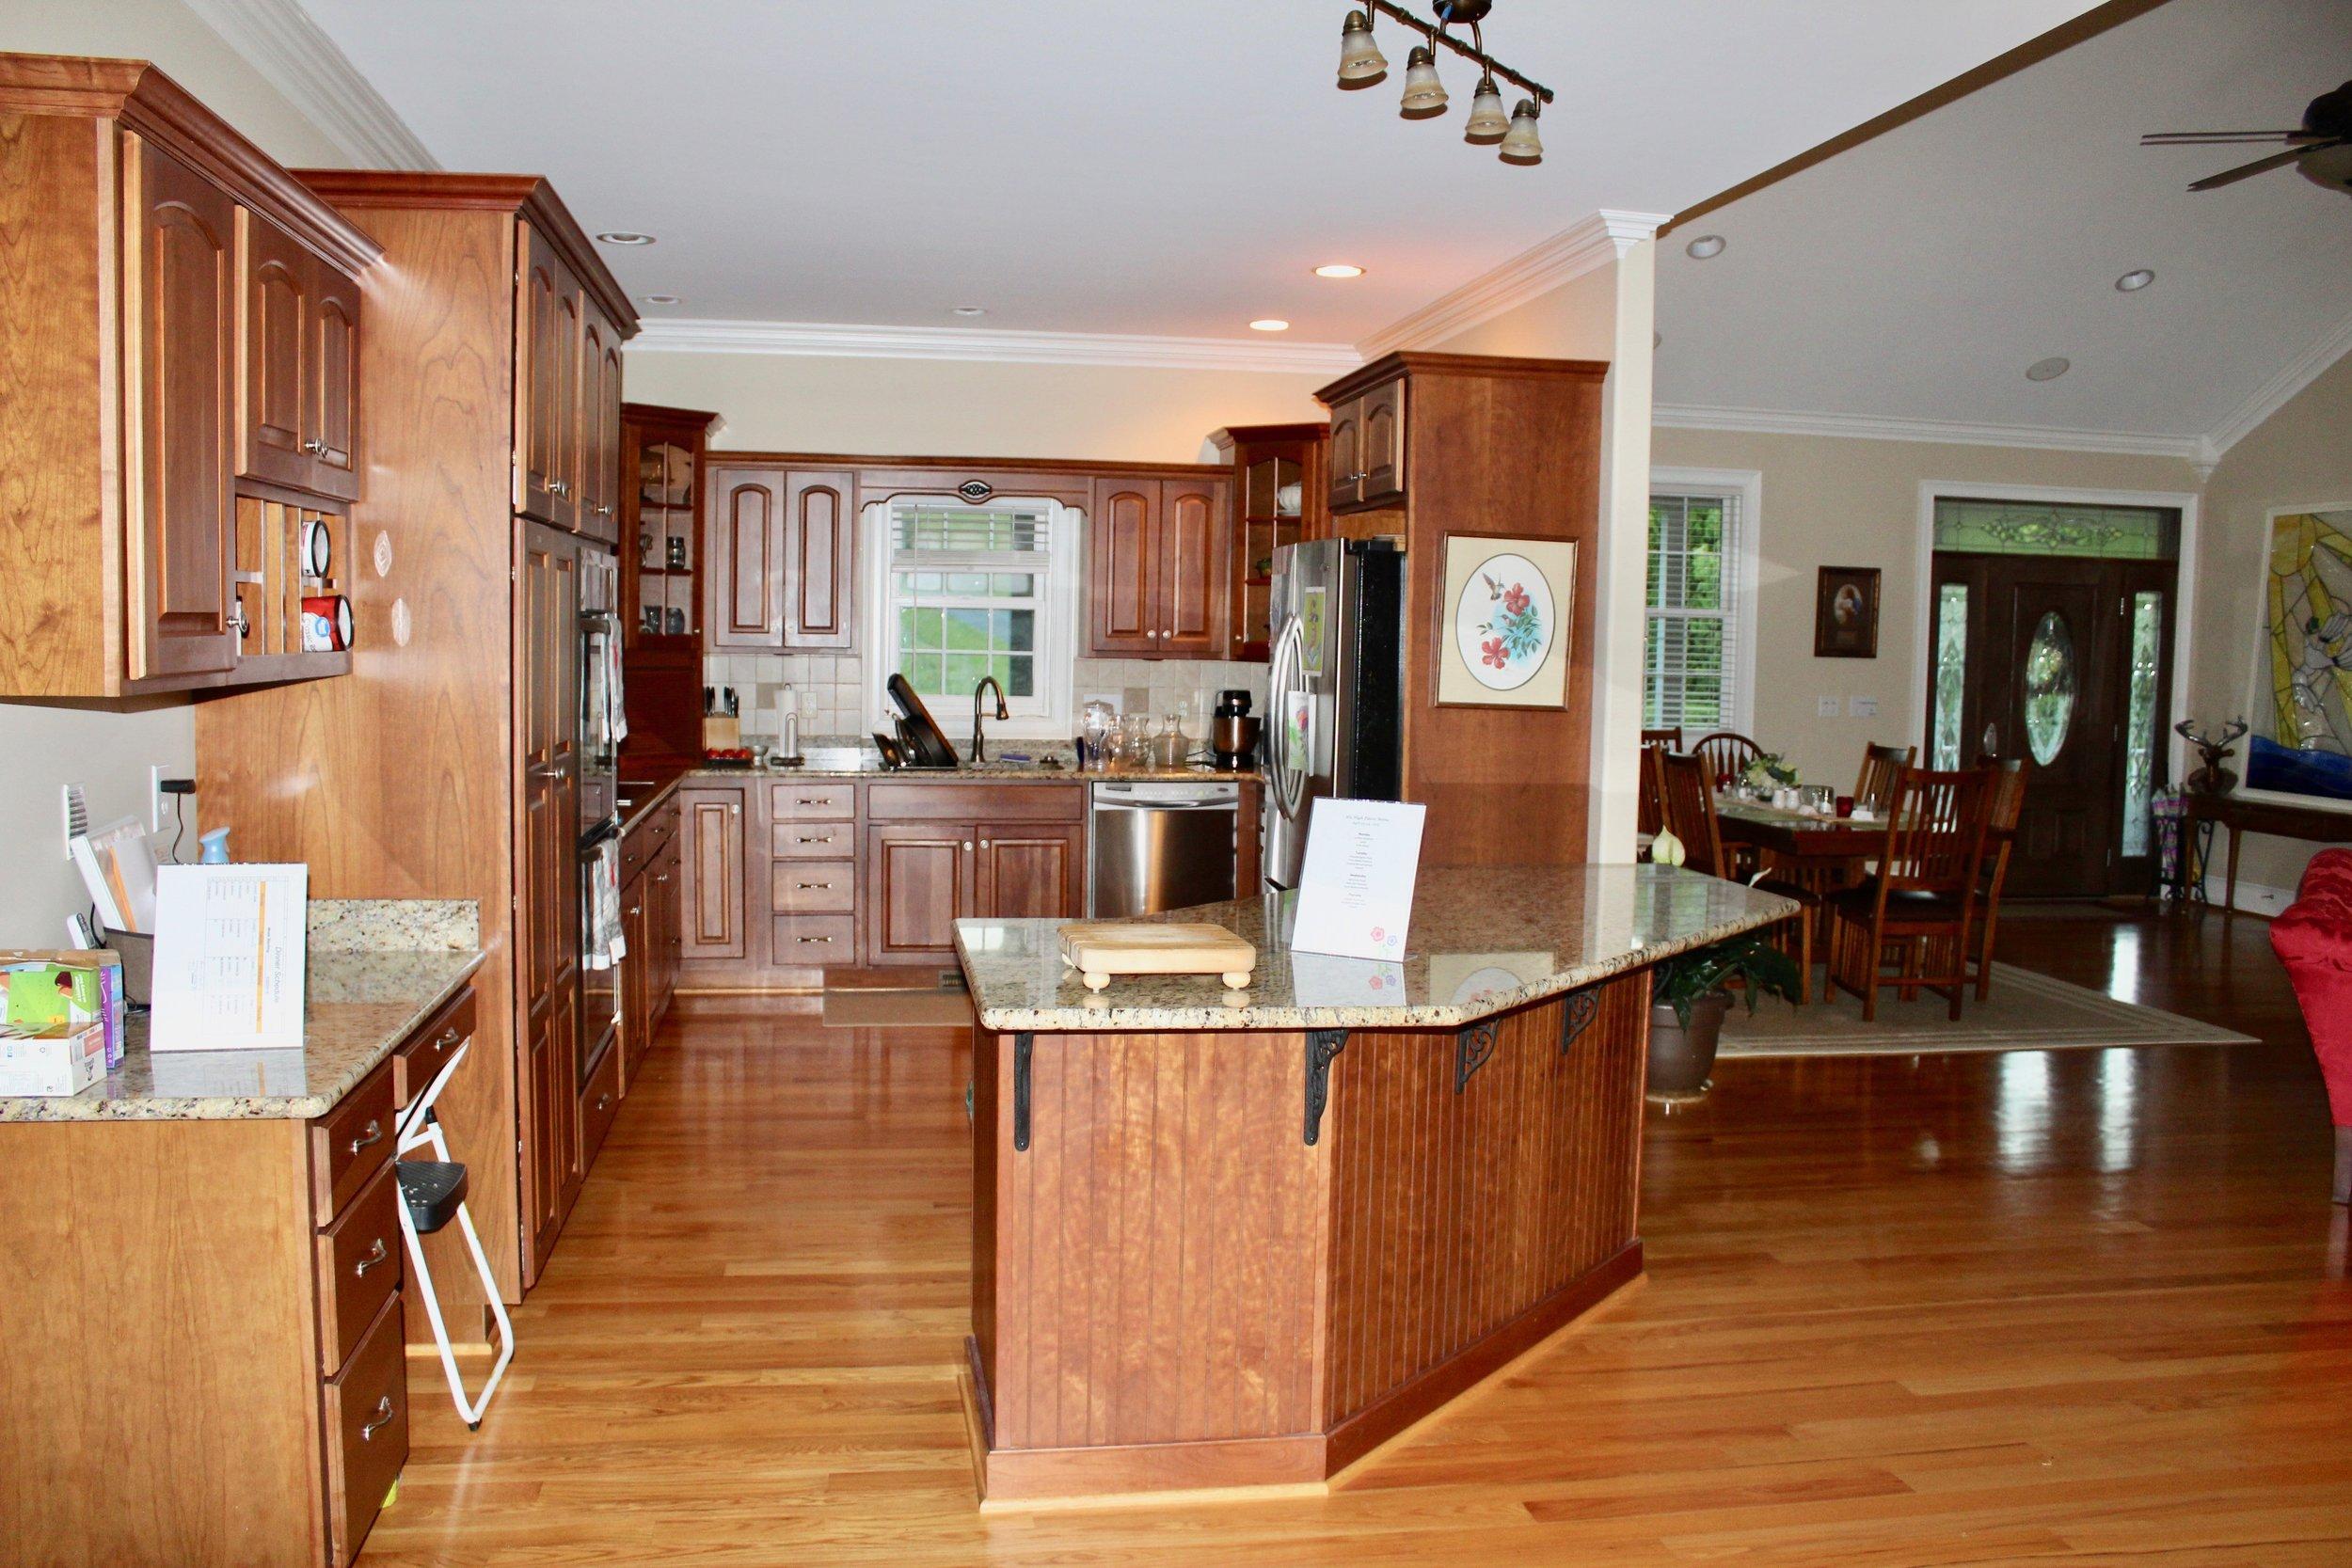 Full kitchen available.